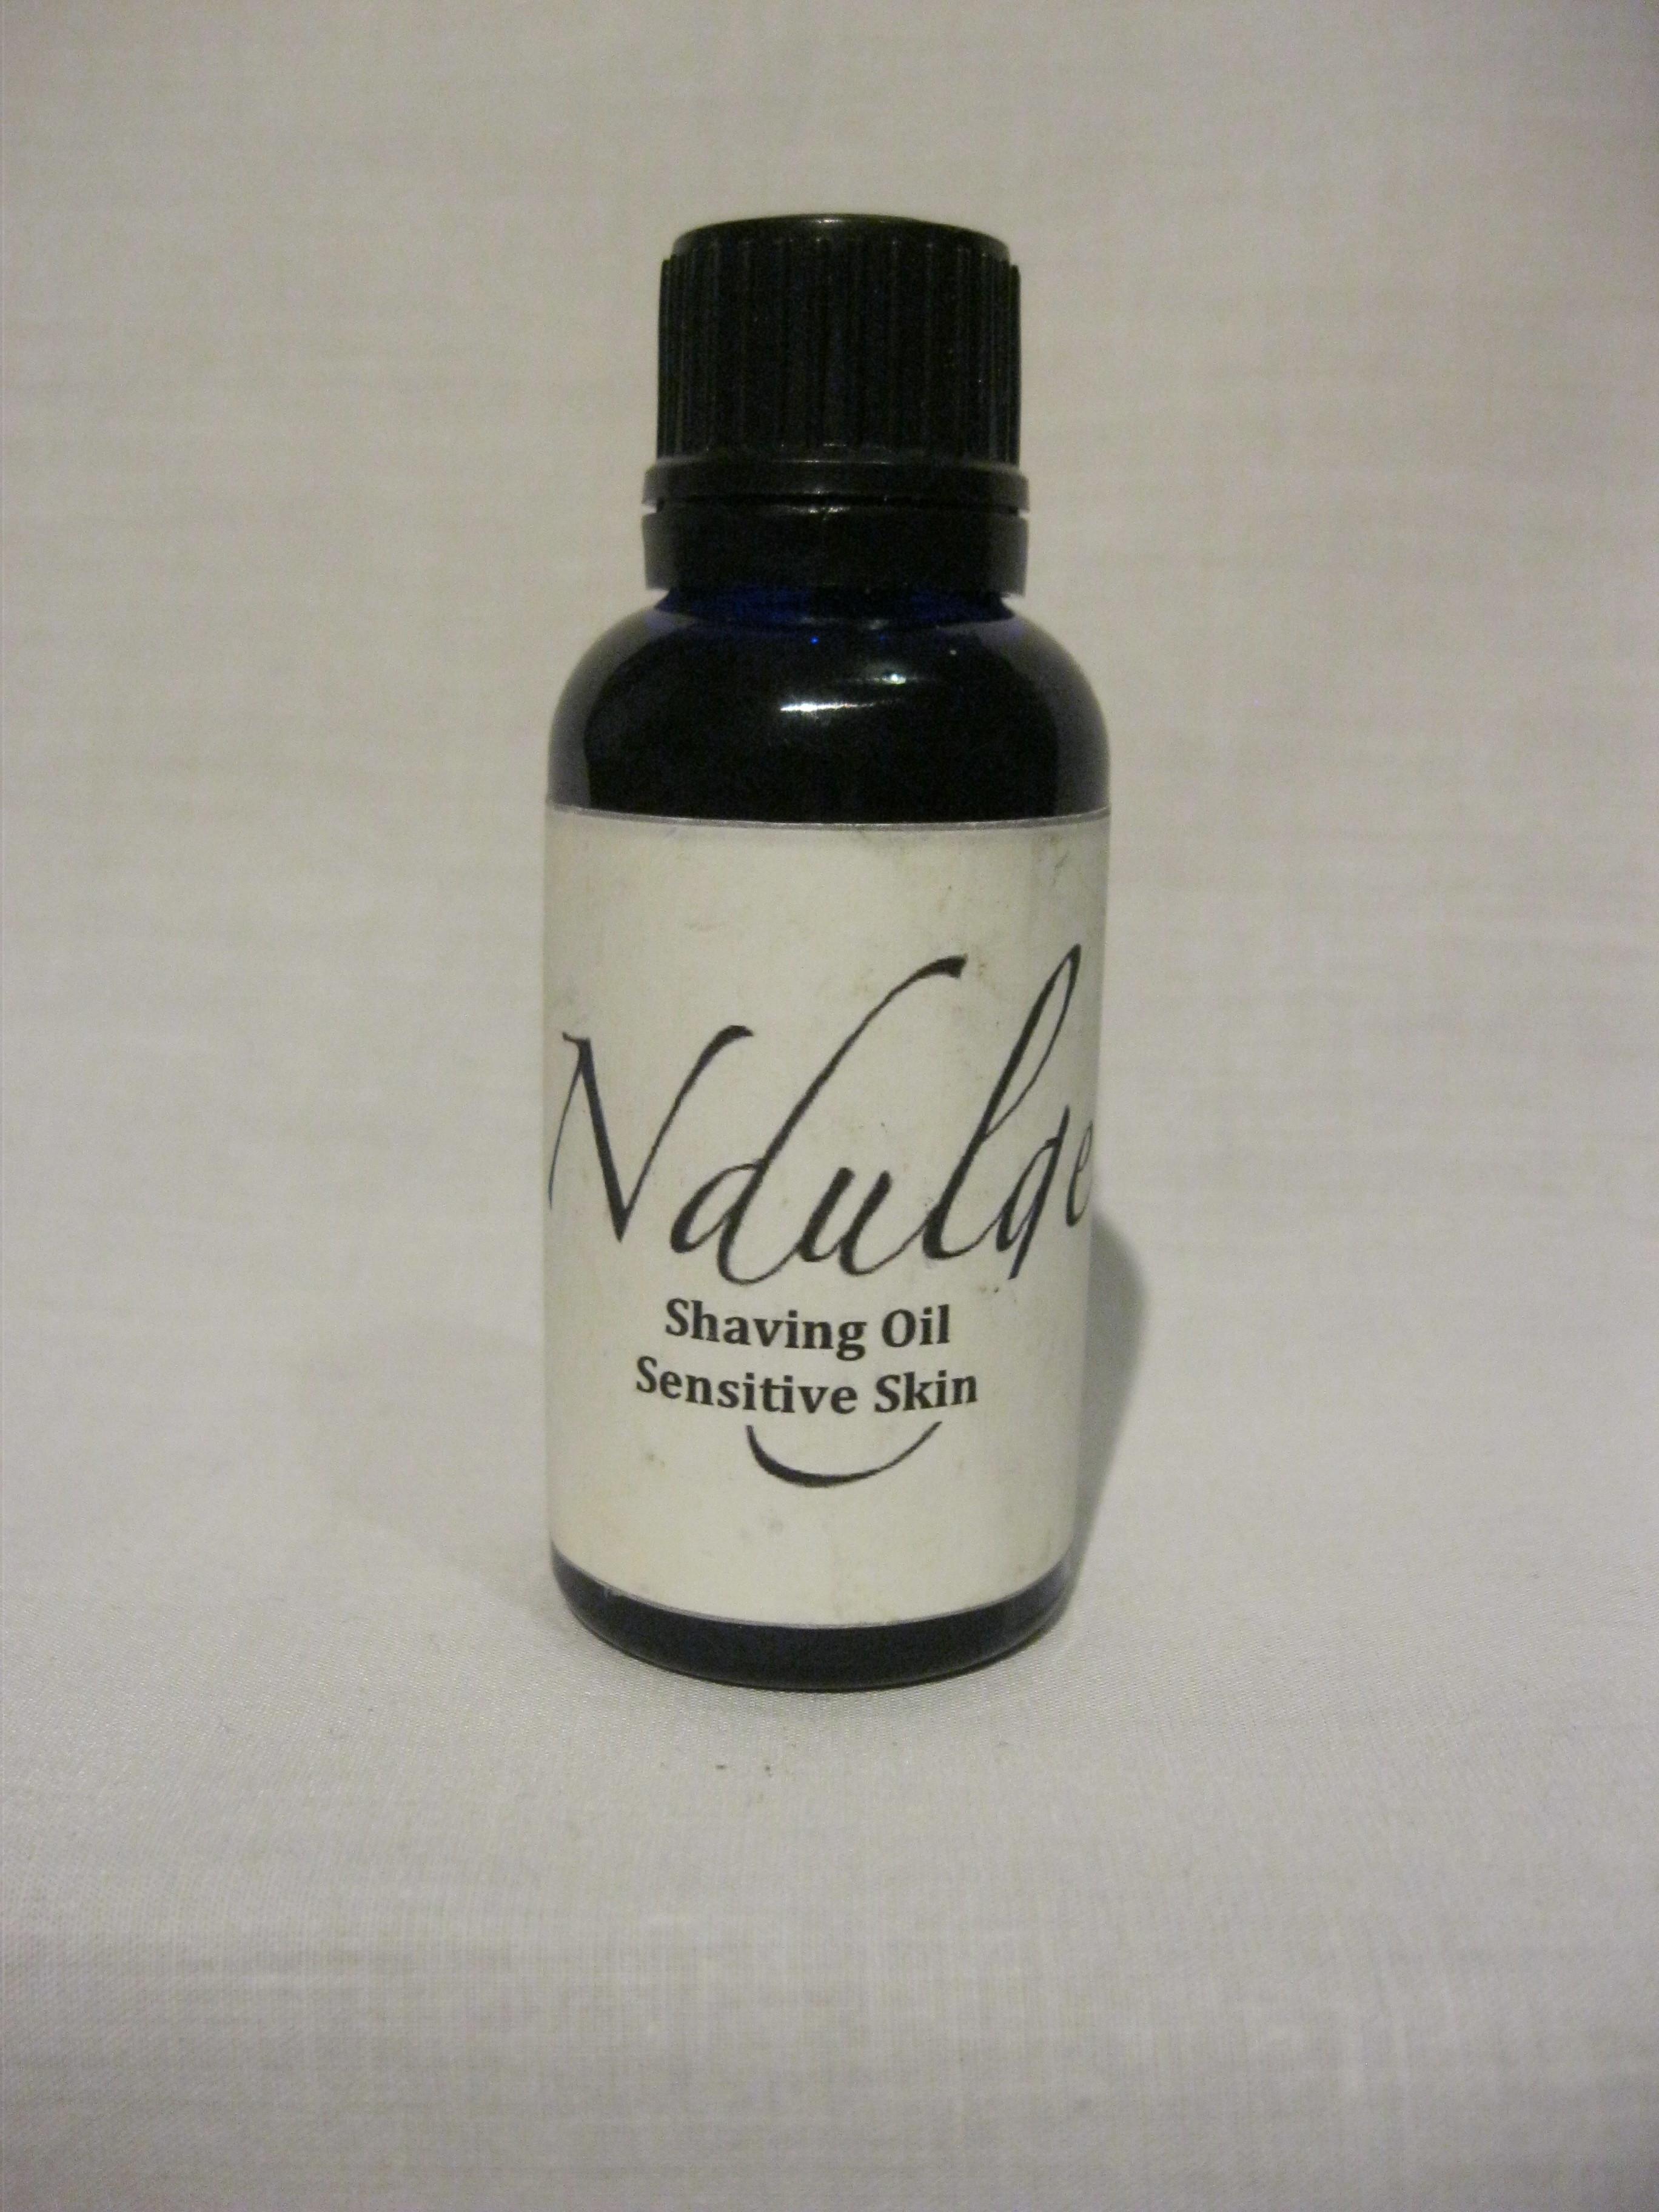 sensitive skin shaving oil ndulge. Black Bedroom Furniture Sets. Home Design Ideas